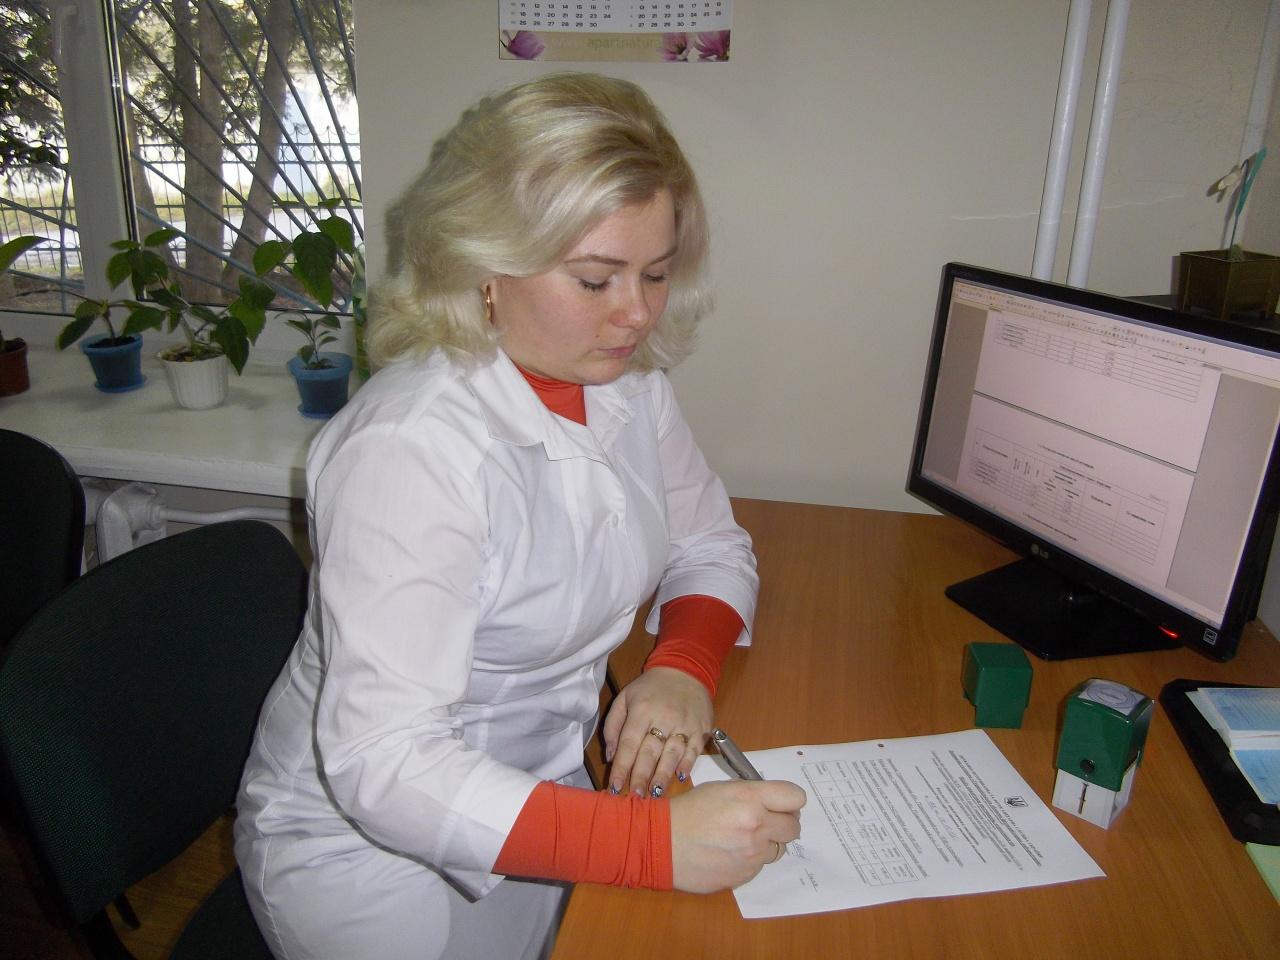 Завідувач відділу аналітики пестицидів, агрохімікатів Гоц А.В. під час оформлення результатів аналітичних досліджень